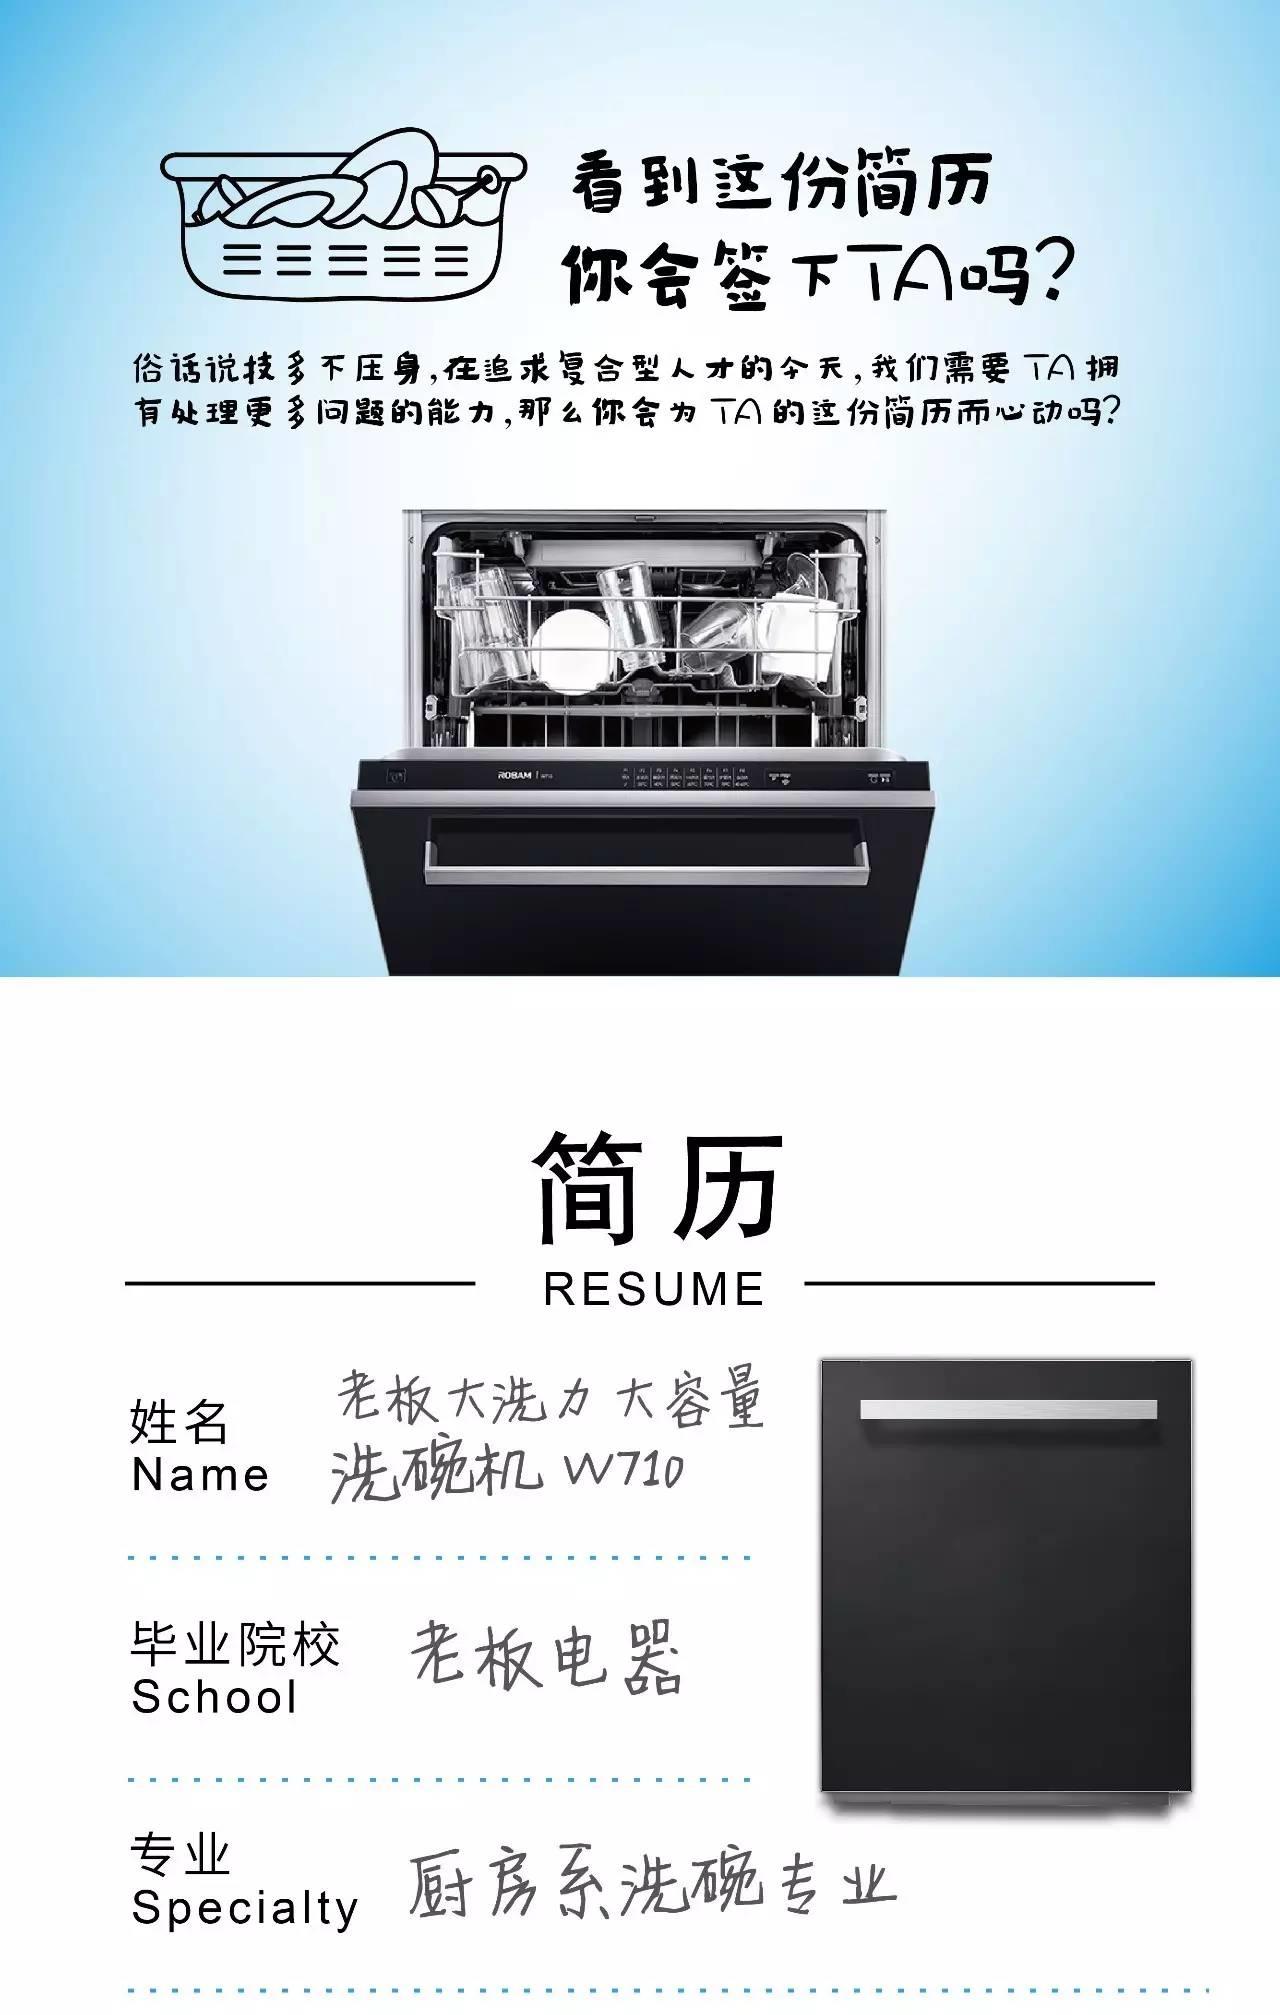 上海老板电器